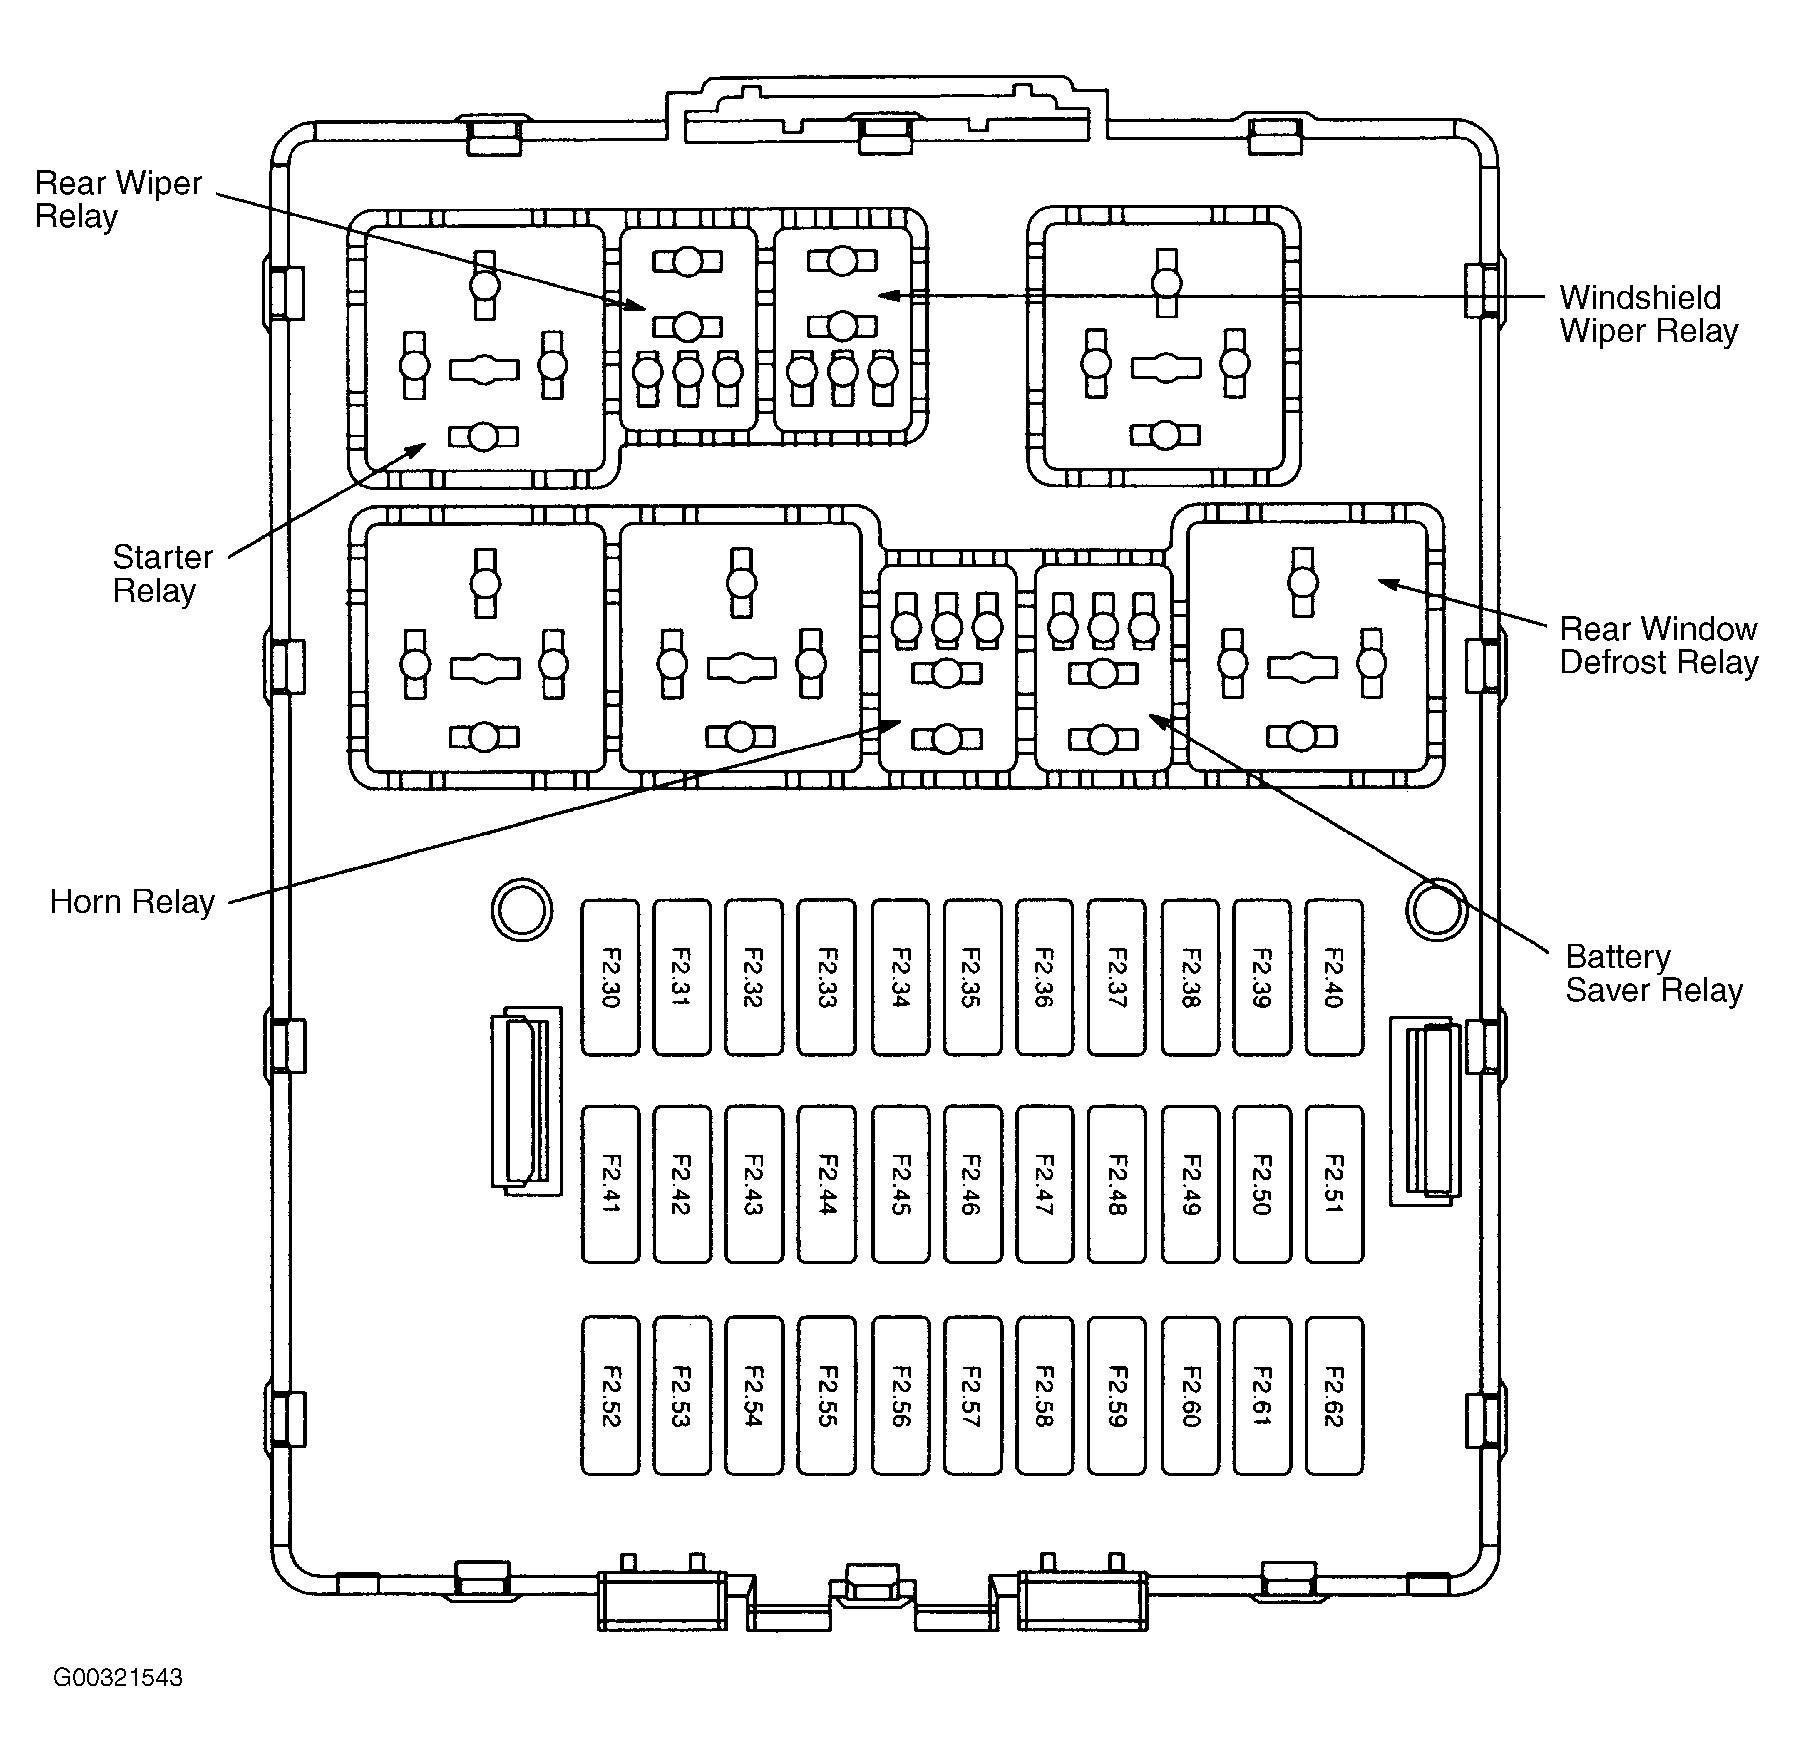 2002 ford focus se engine diagram